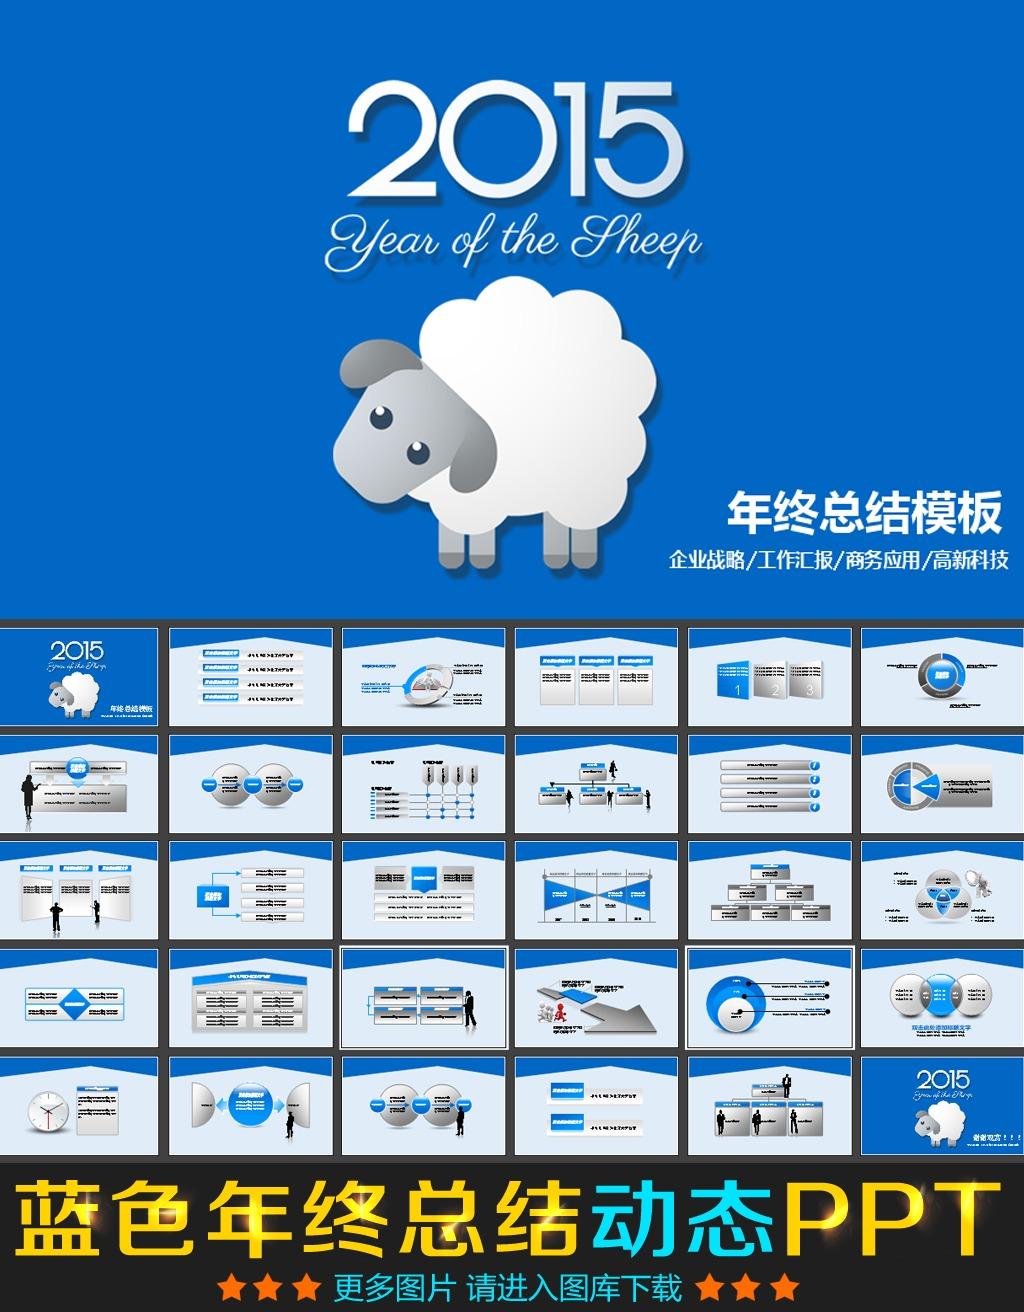 2015年终总结工作报告ppt模板